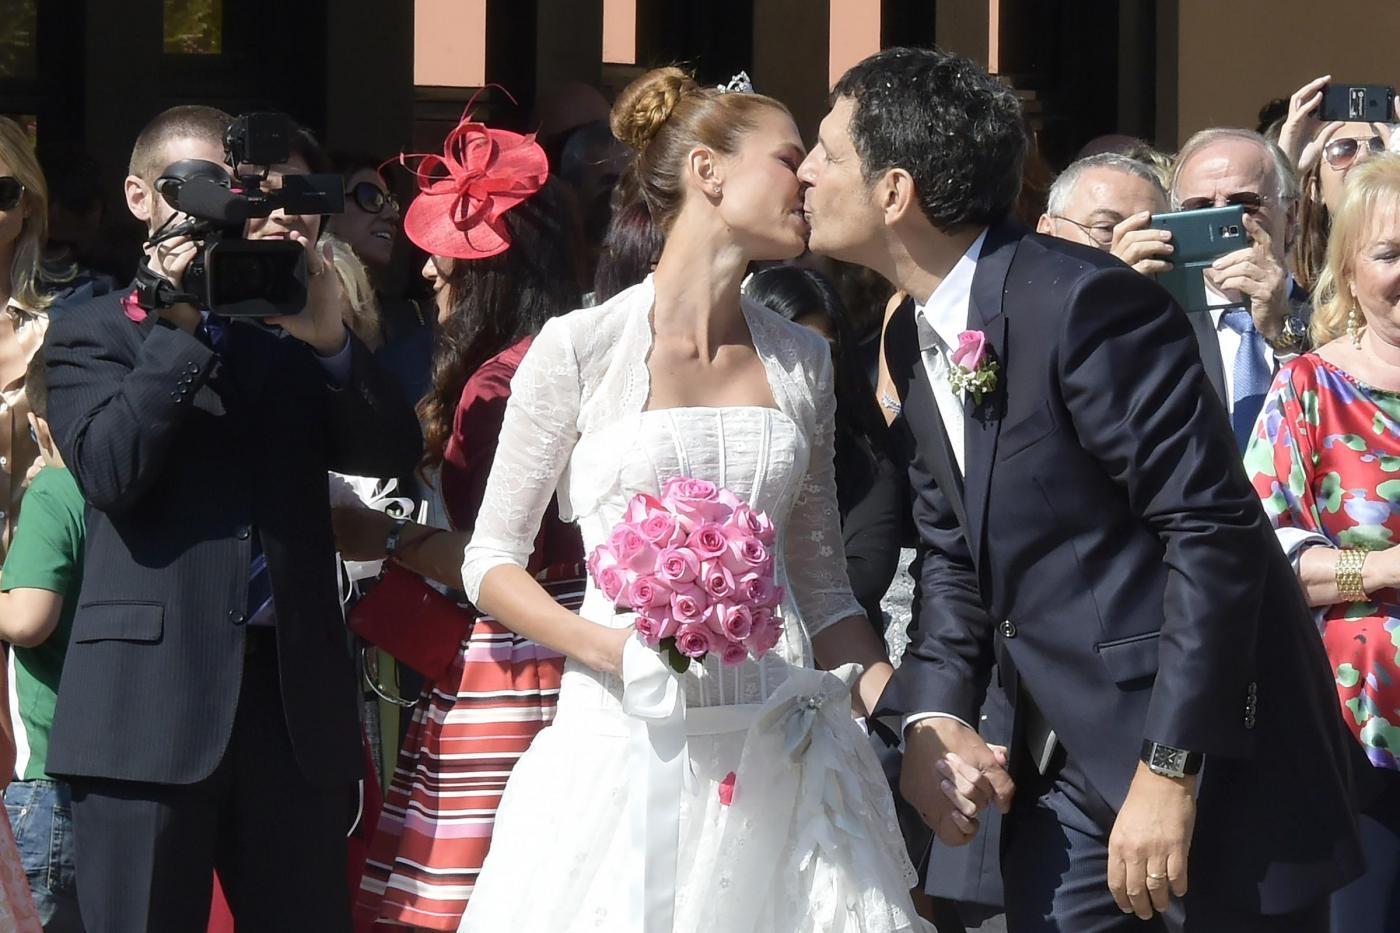 Fabrizio Frizzi e Carlotta Mantovan: matrimonio a Roma per il conduttore e la giornalista